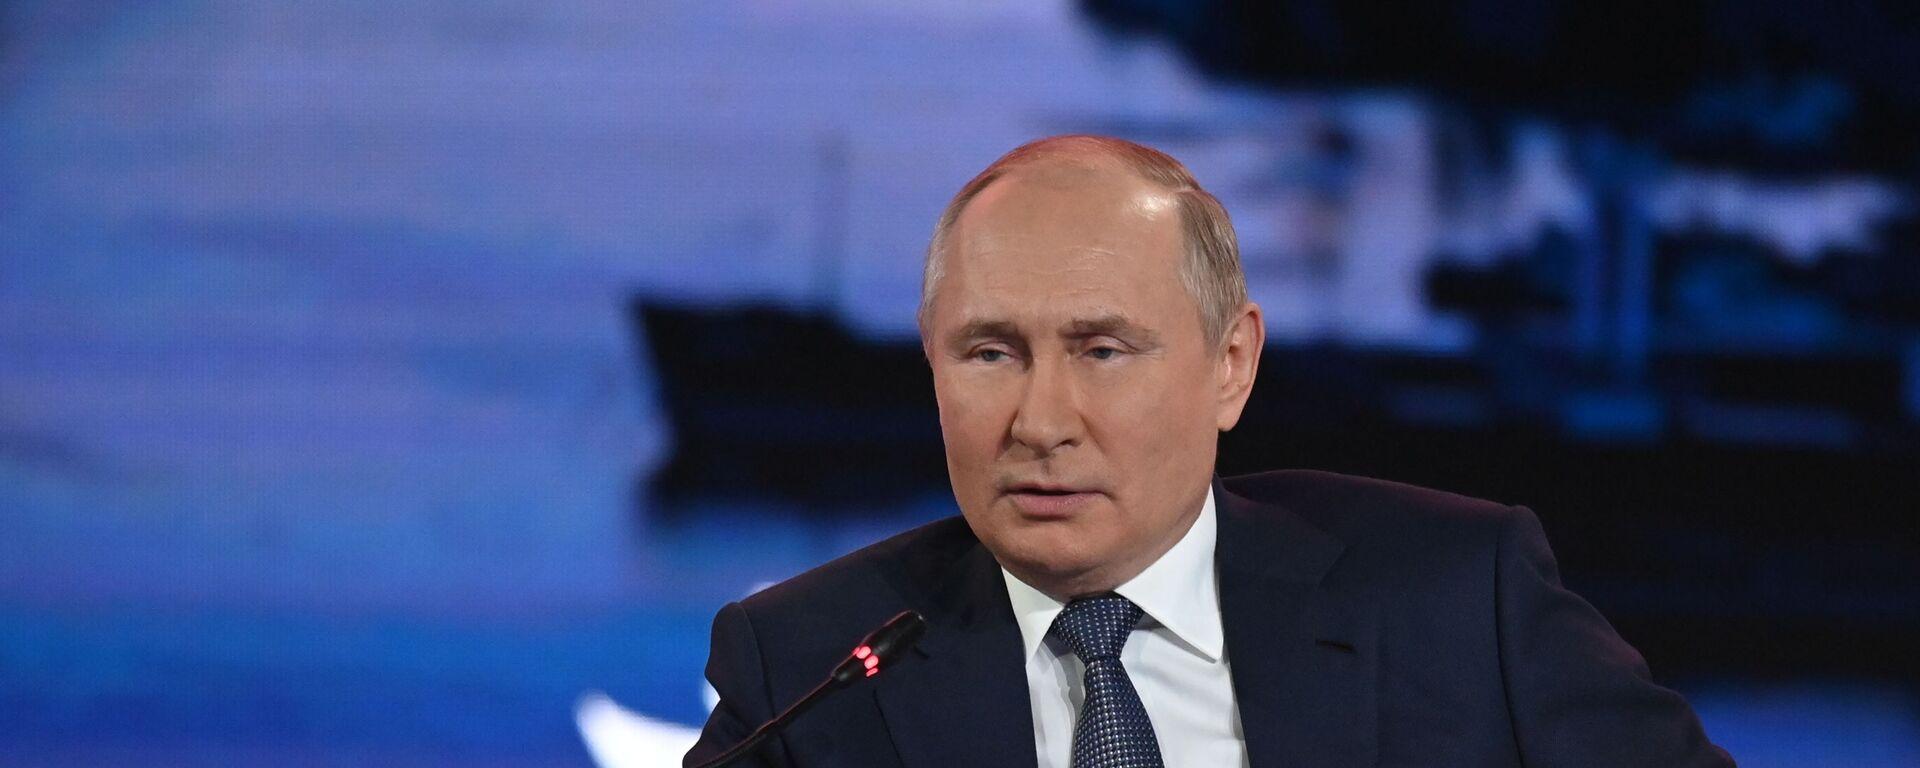 Президент РФ В. Путин  - Sputnik Армения, 1920, 21.09.2021